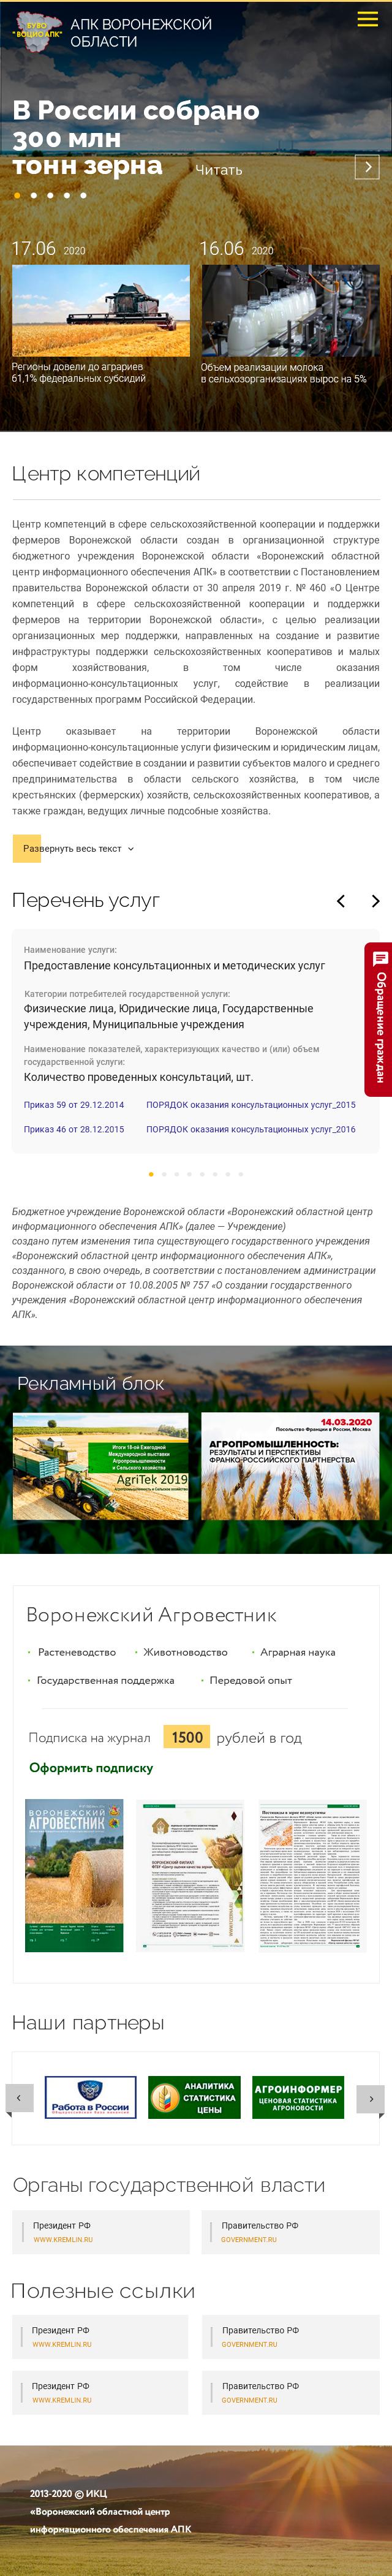 примеры сайтов предприятий Воронежский областной центр информационного обеспечения АПК 640 px